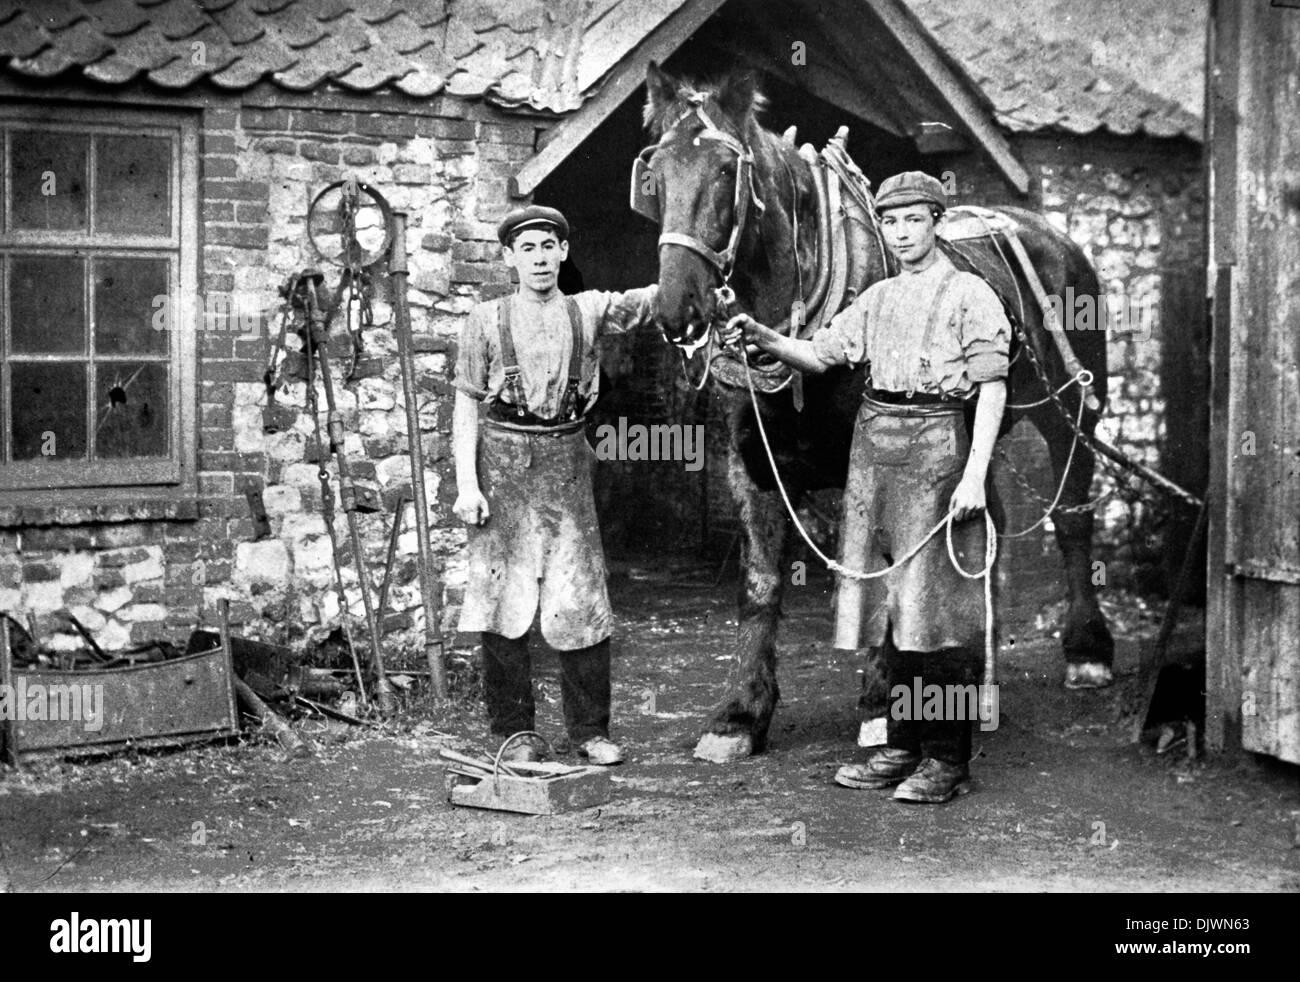 Blacksmith's Shop circa 1910, Thornham, Norfolk, Smithy, Forge, horse, blacksmith, pre 1st World War, Edwardian England, forges, shoeing horses, England UK, archive archival shops - Stock Image